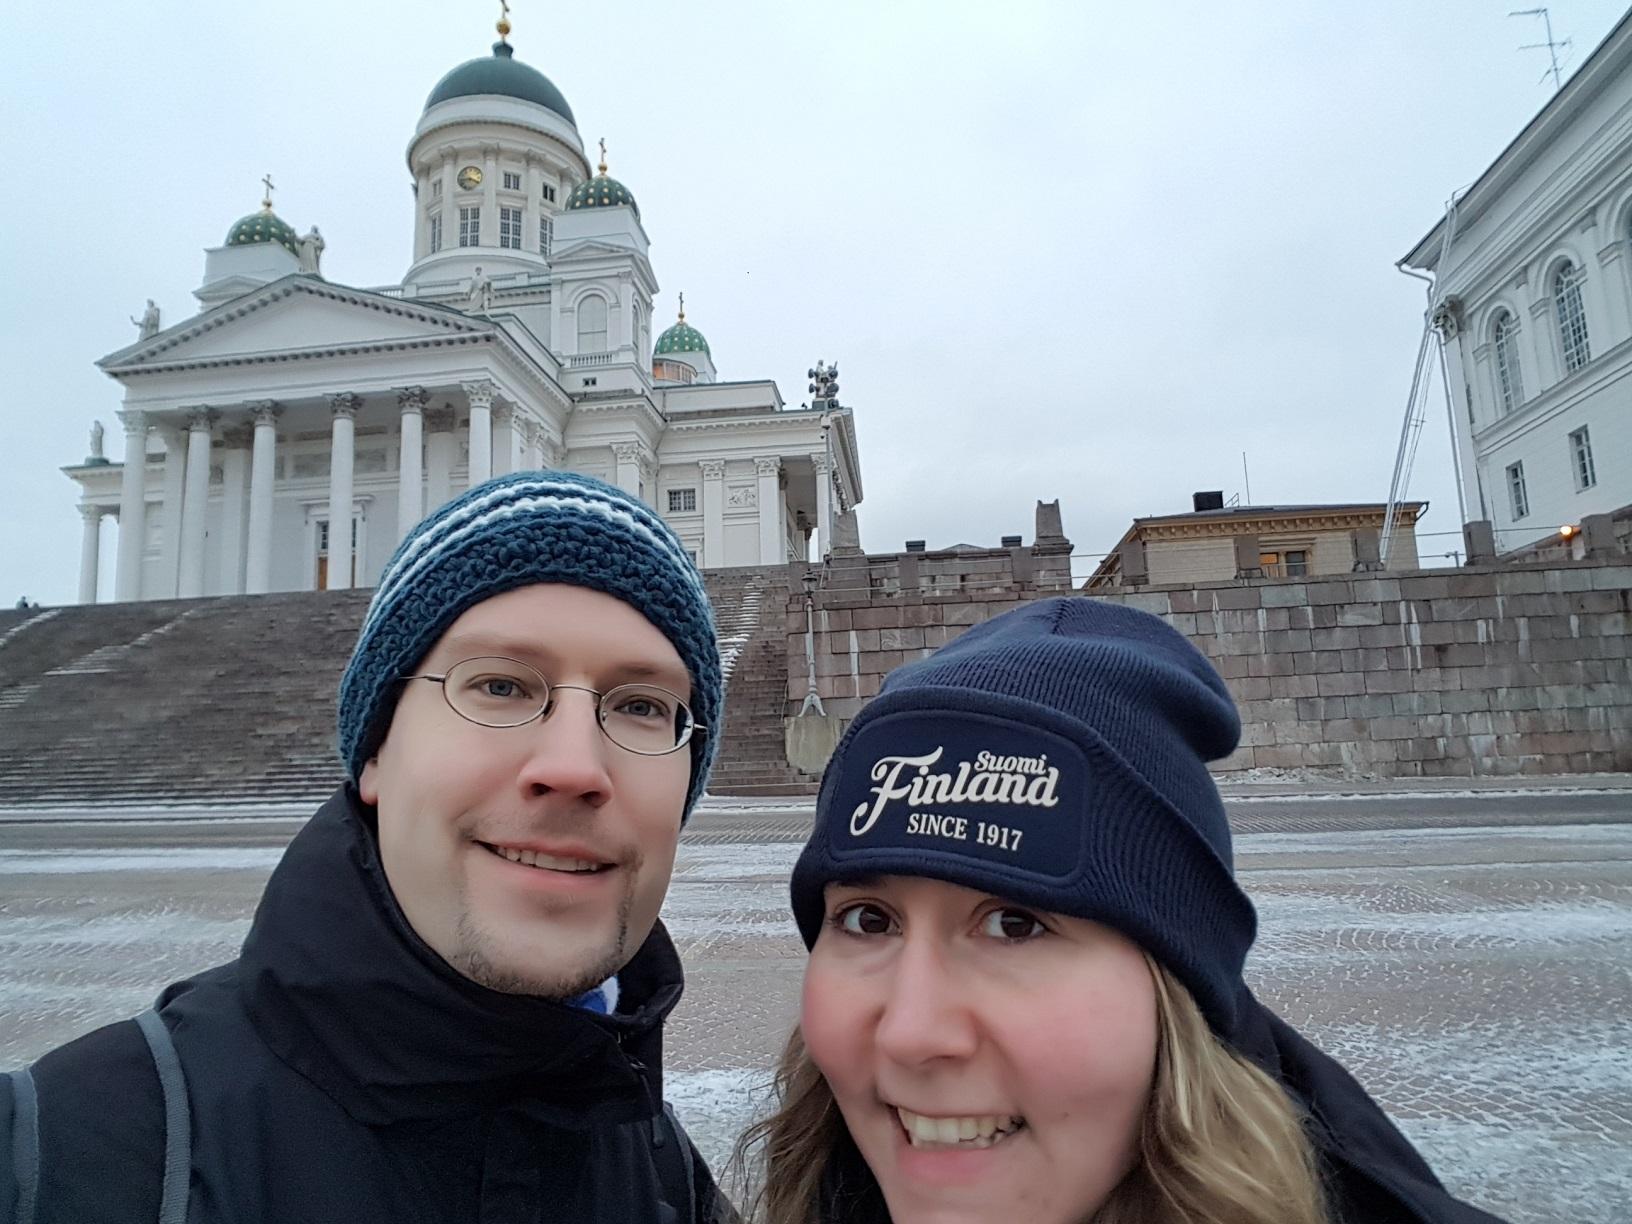 FinnTouch in Helsinki